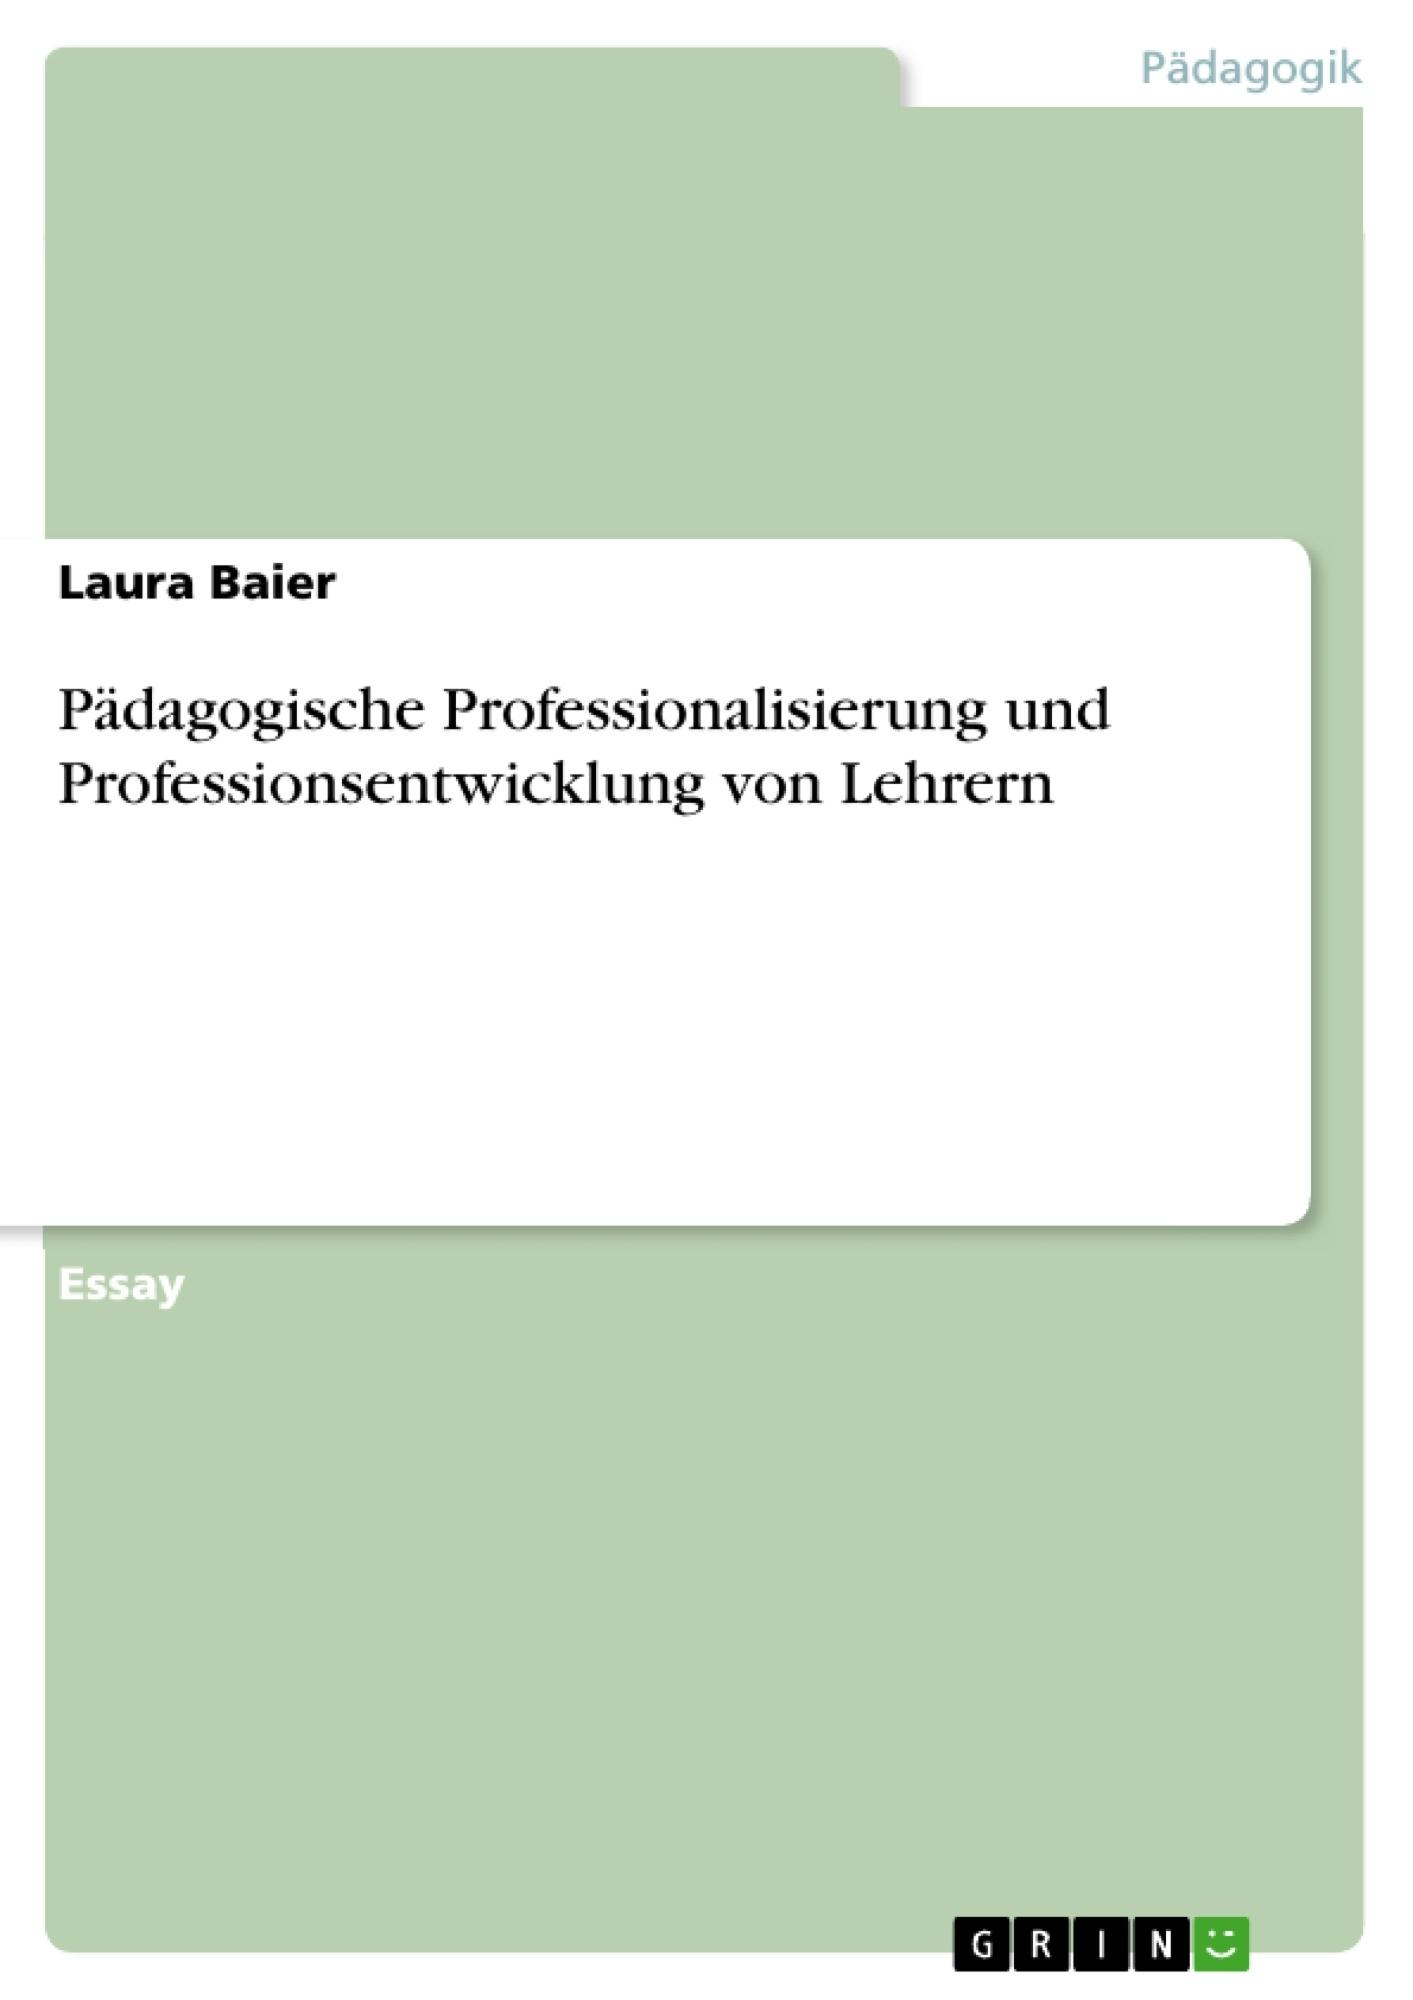 Titel: Pädagogische Professionalisierung und Professionsentwicklung von Lehrern